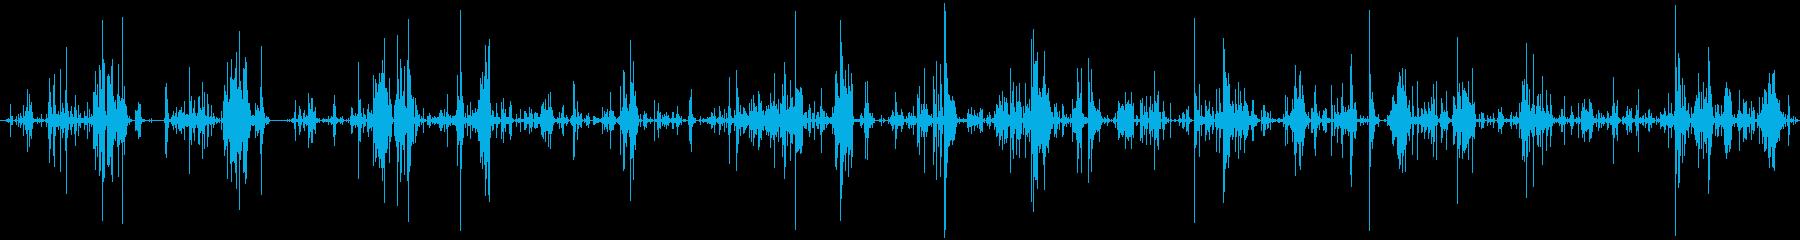 メタル チェーンムーブメント02の再生済みの波形